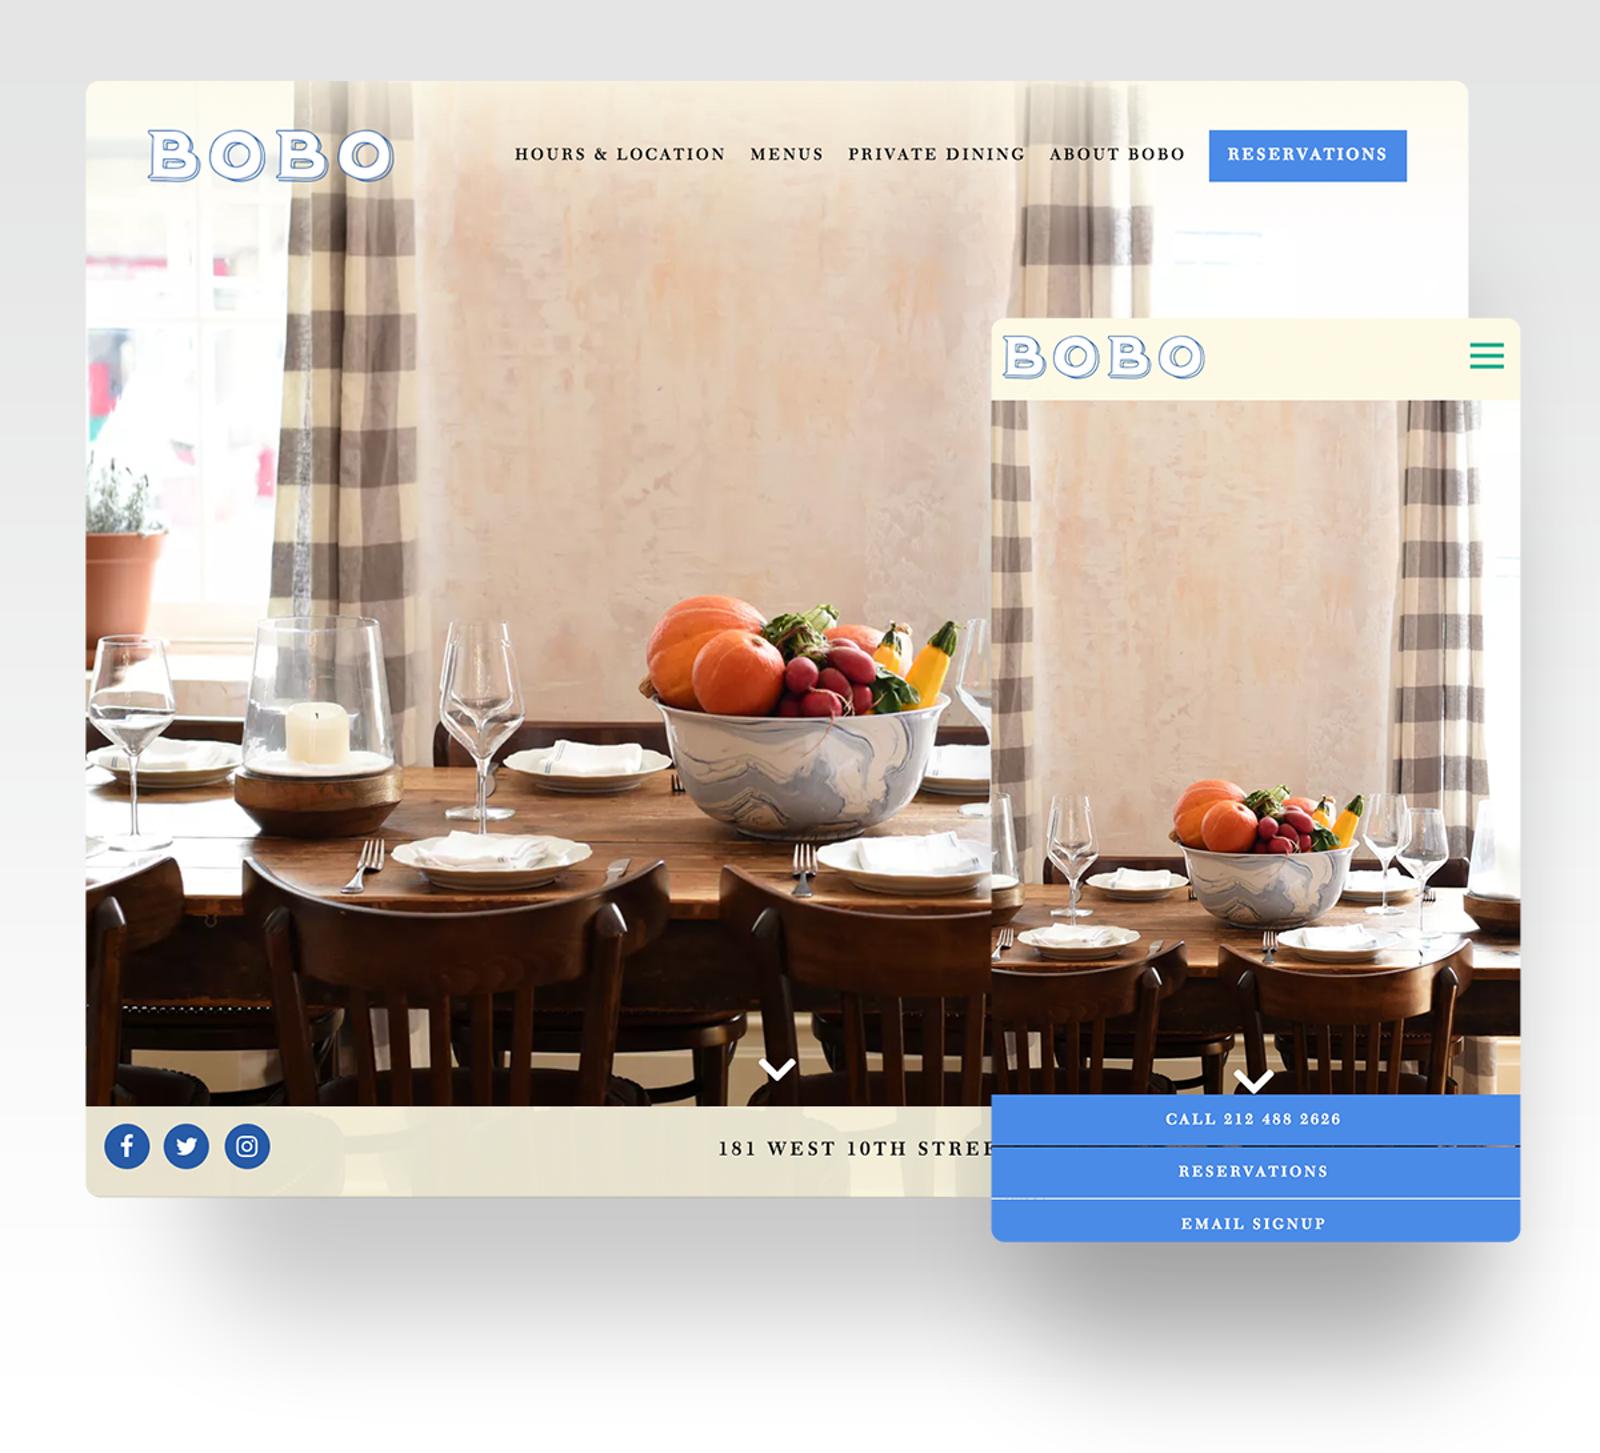 Bobo website